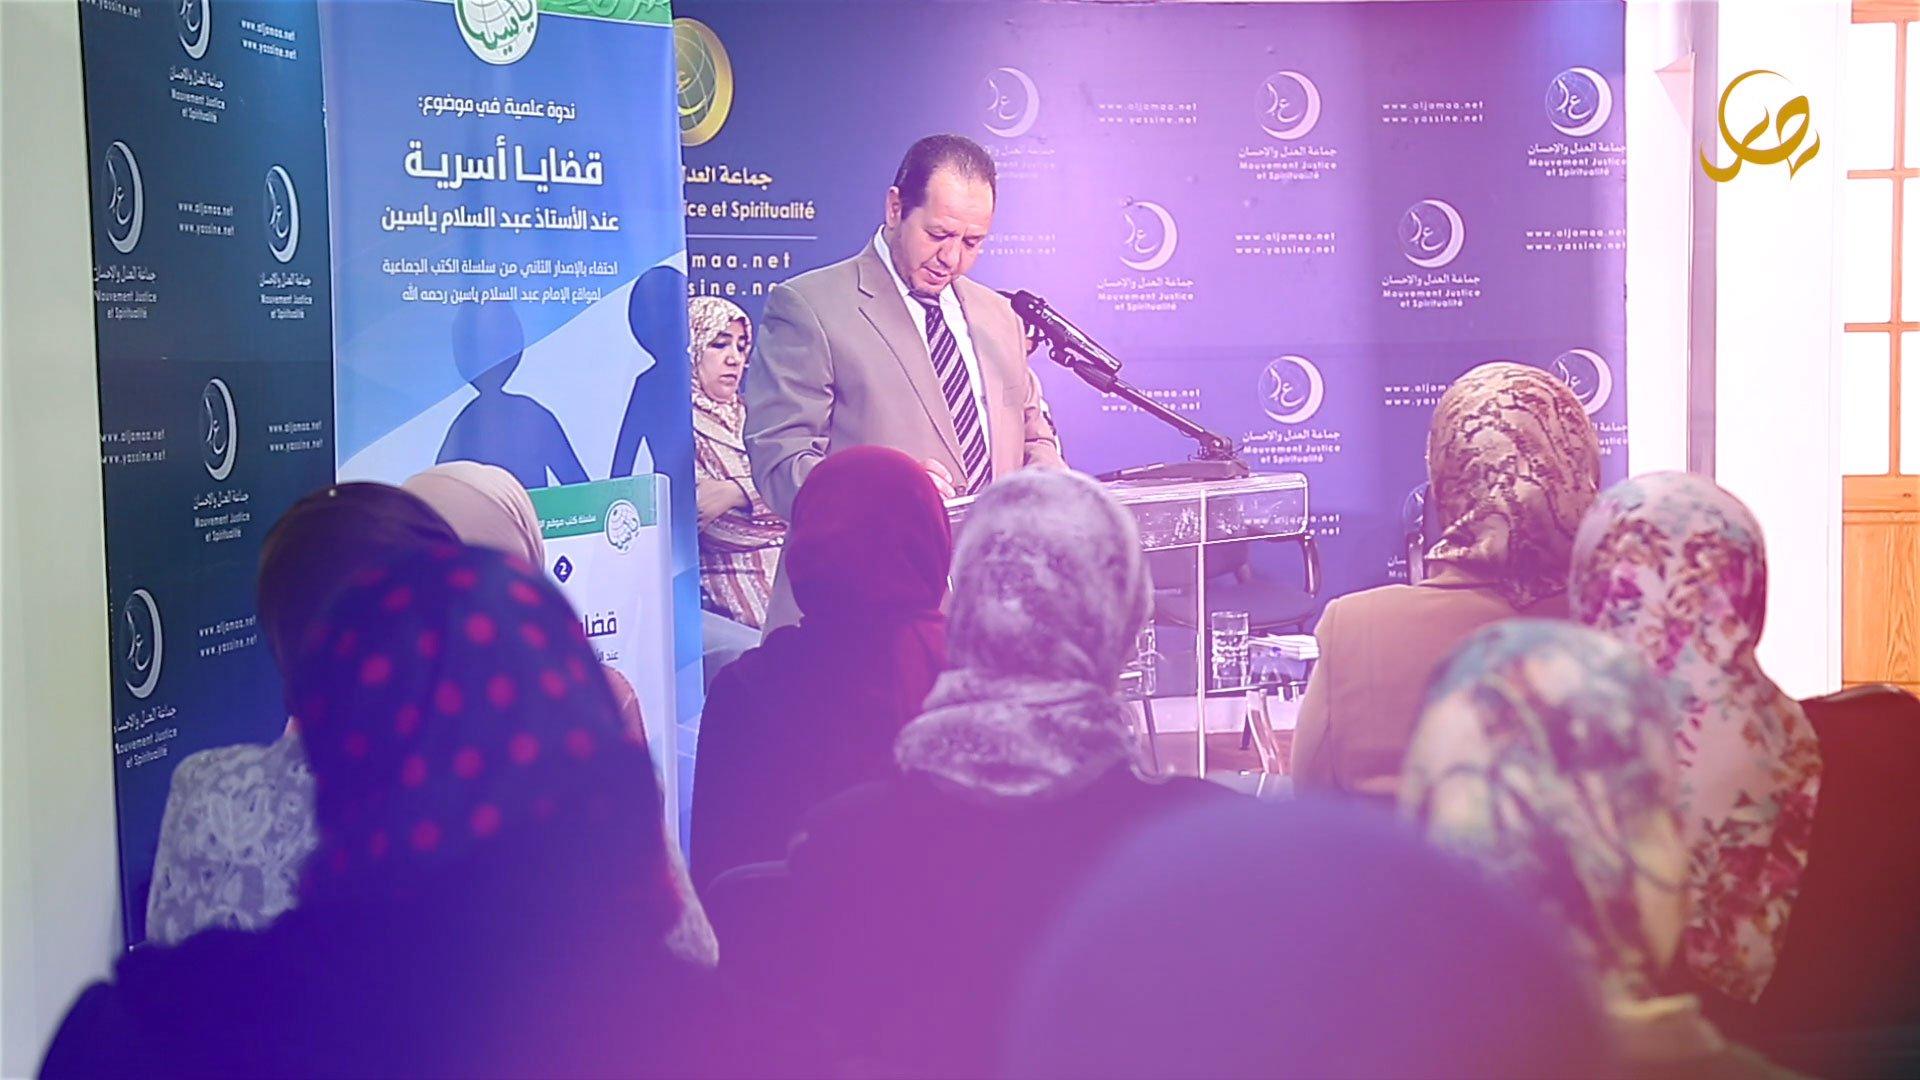 باحثون يتدارسون قضايا أسرية في فكر الأستاذ عبد السلام ياسين